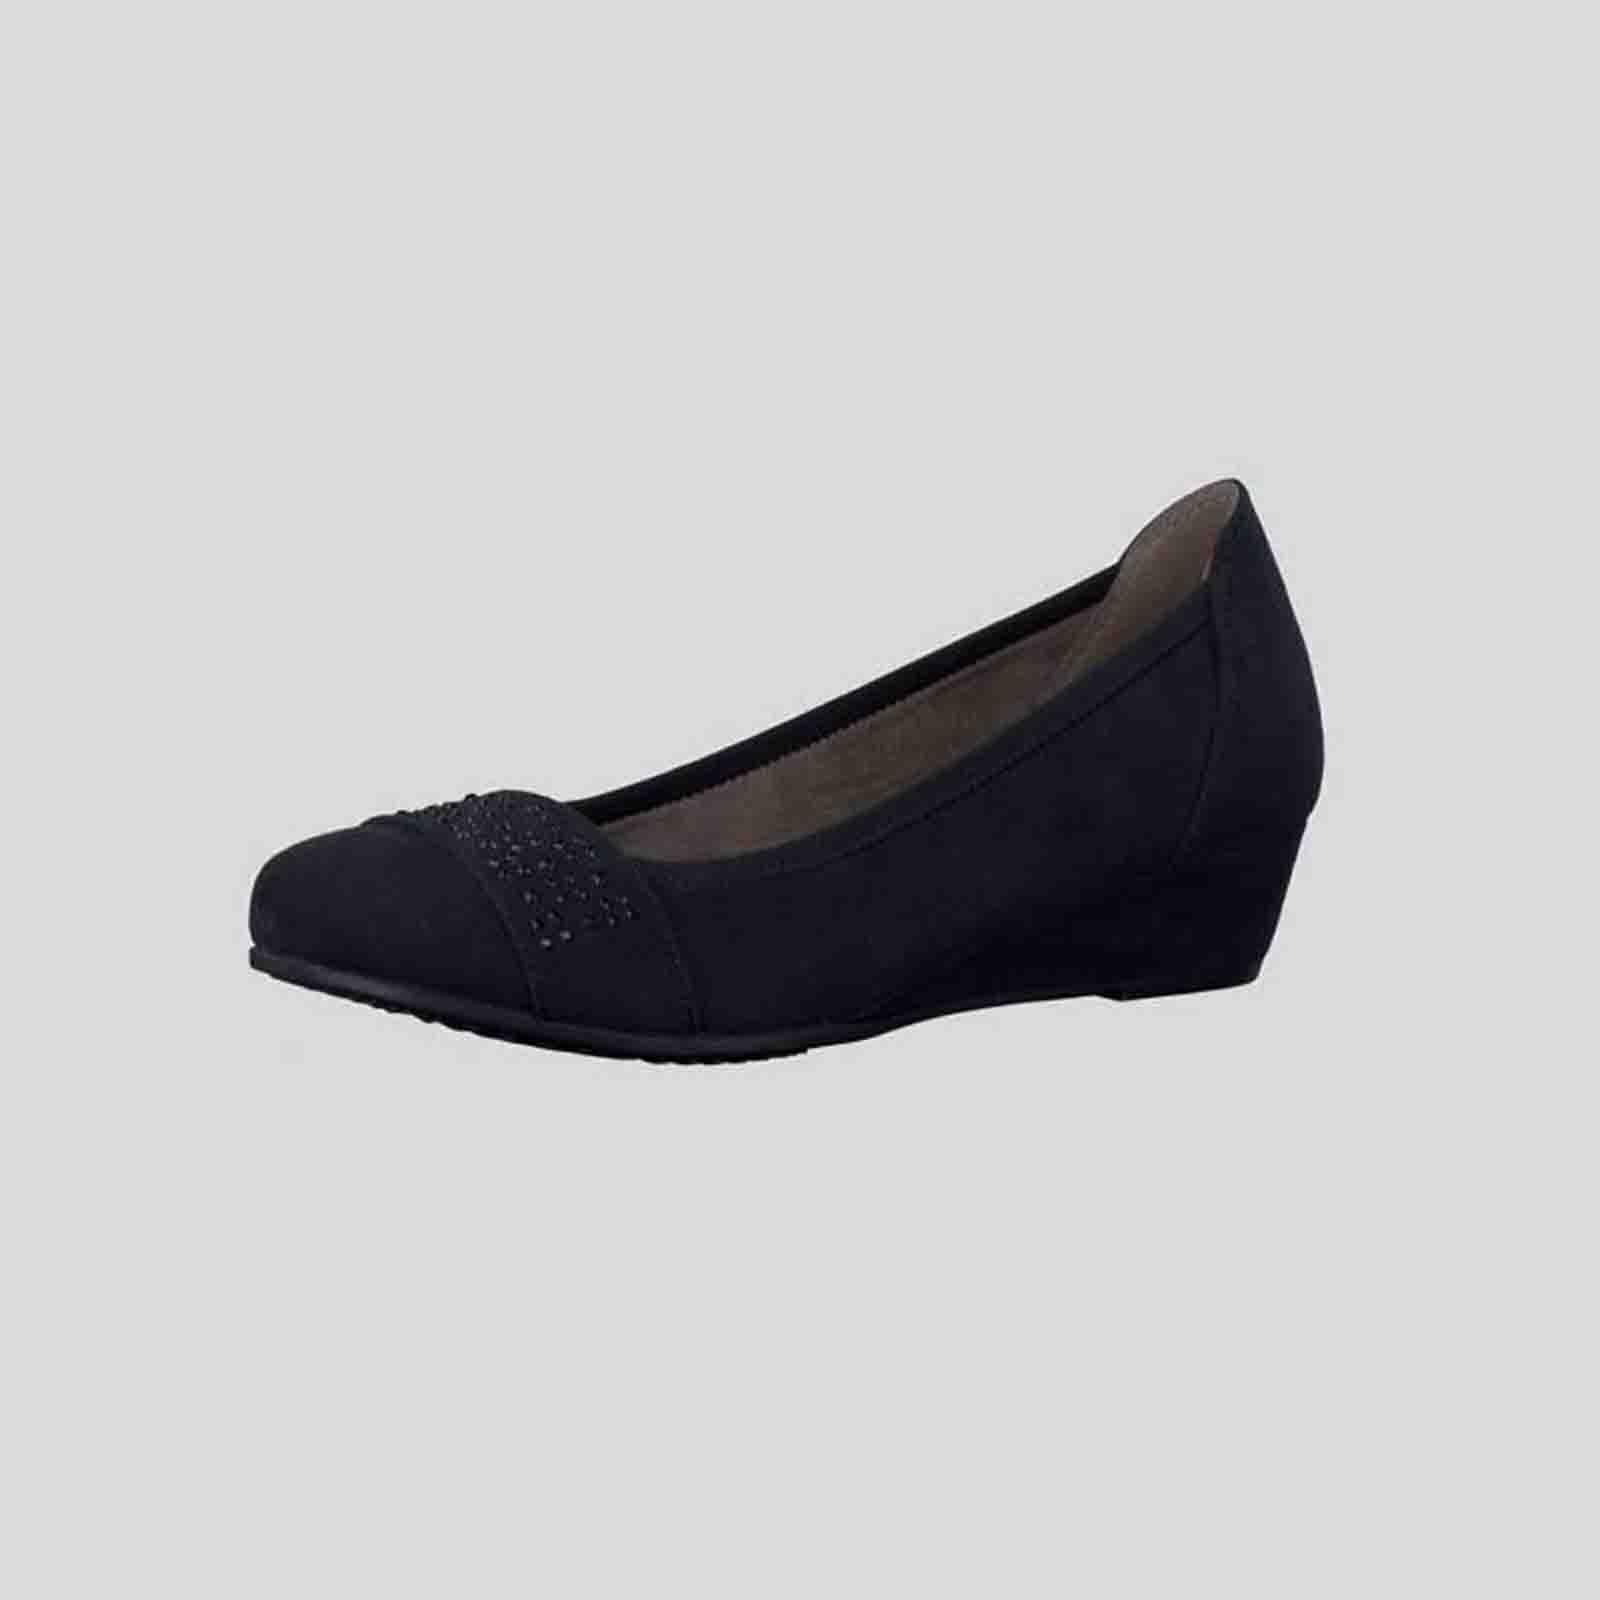 Туфли женские на танкетке с элегантным ремешком на мысу